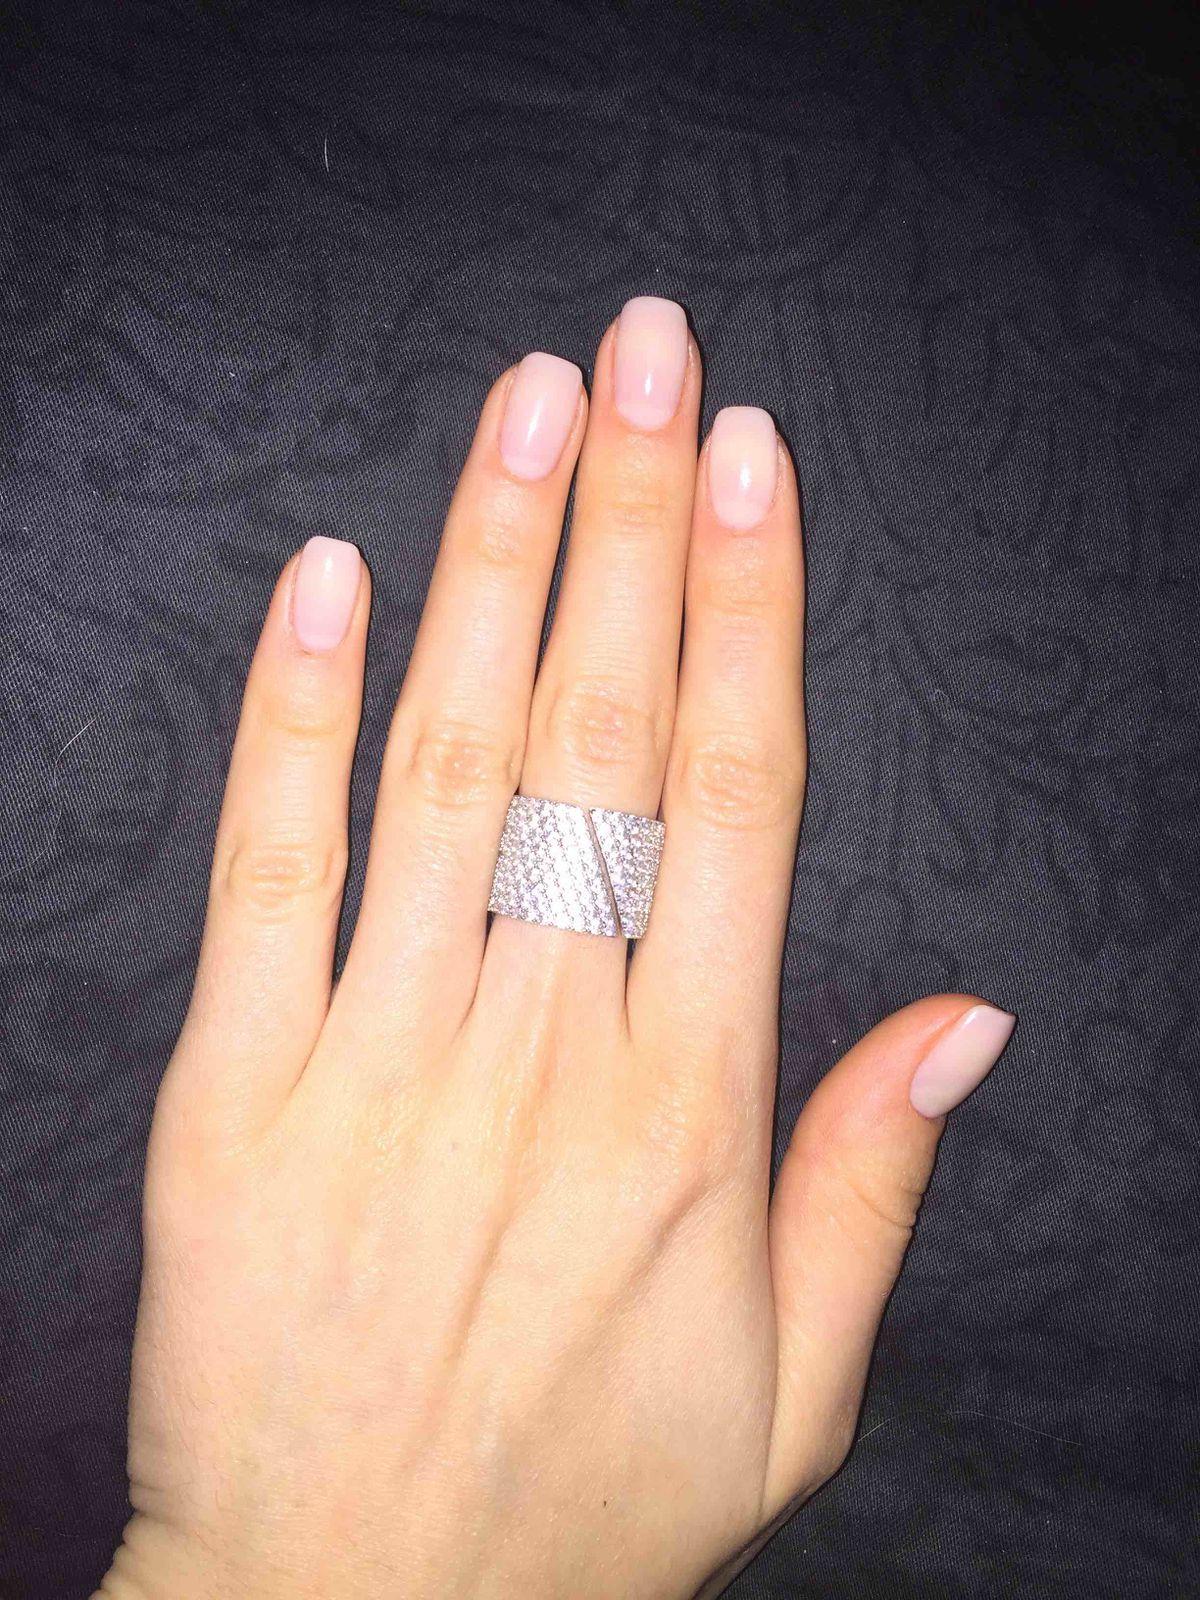 Шикарное кольцо, очень понравилось)